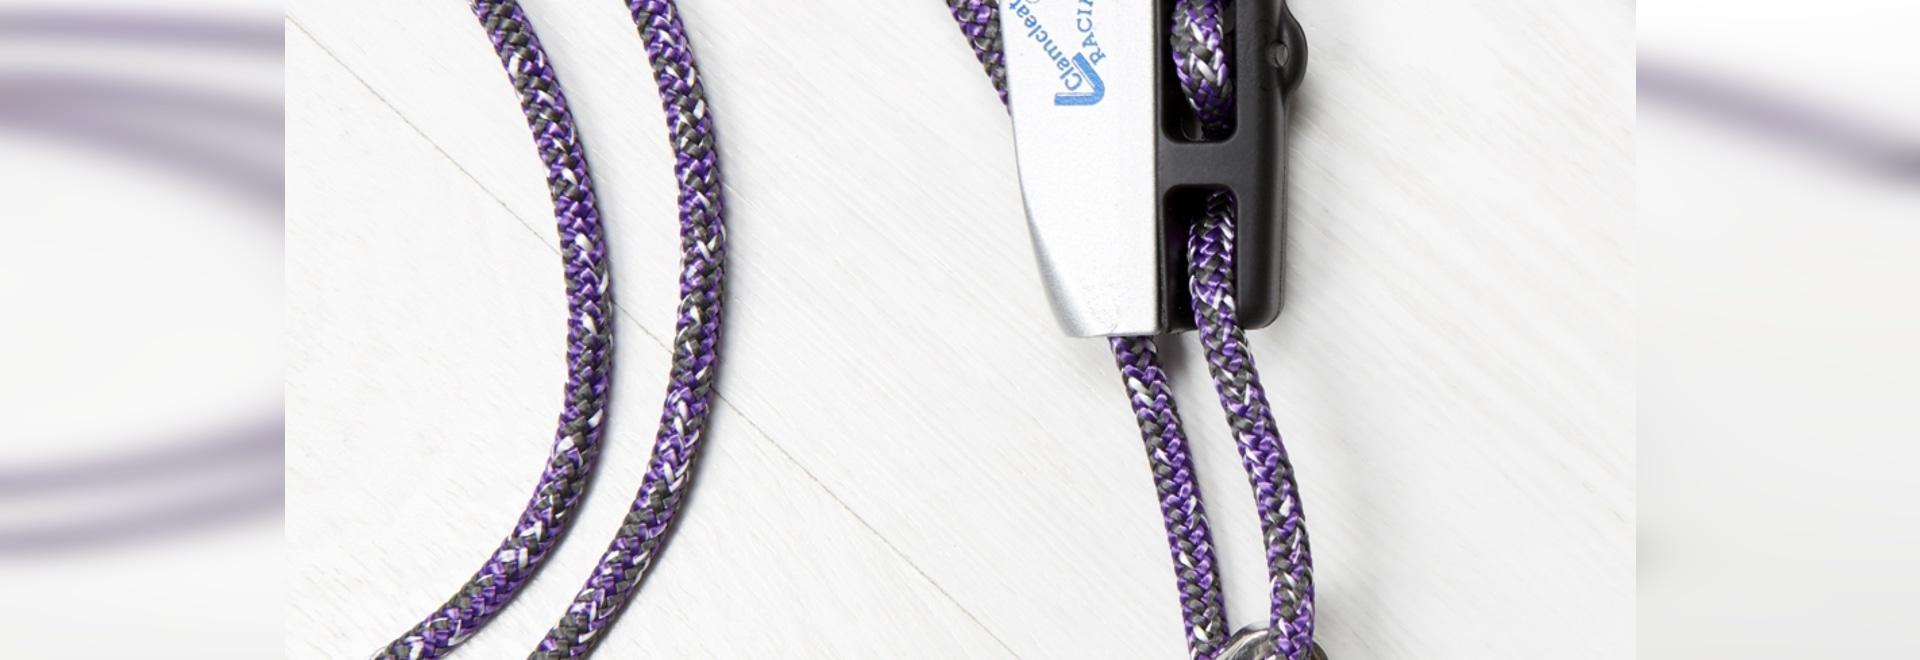 Kit de cable completo (RSP Cónico)